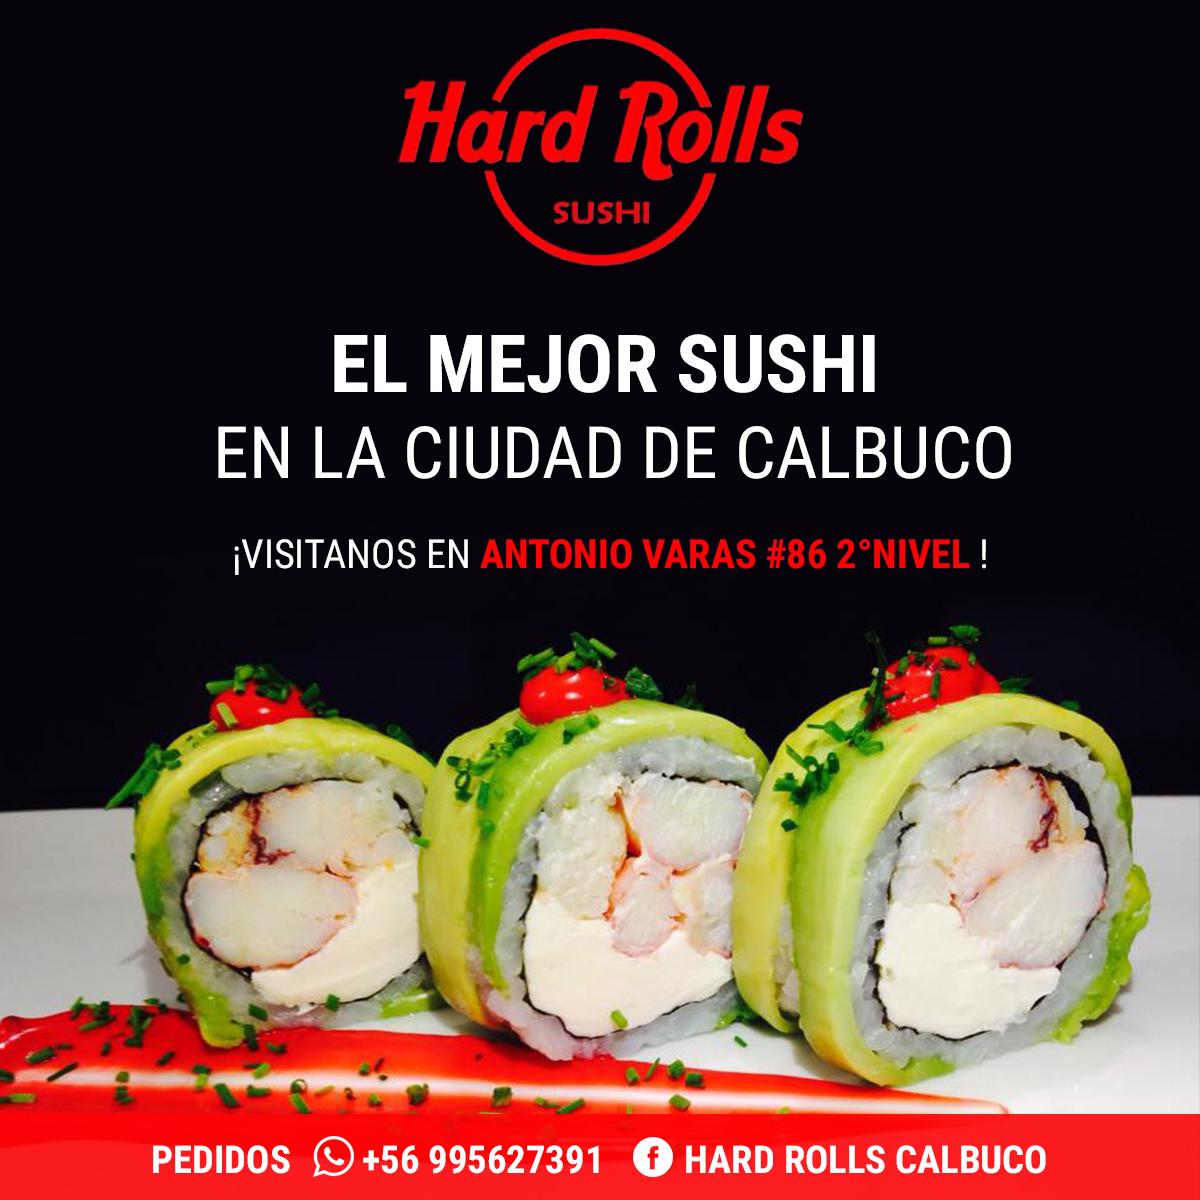 HardRolls Sushi Calbuco